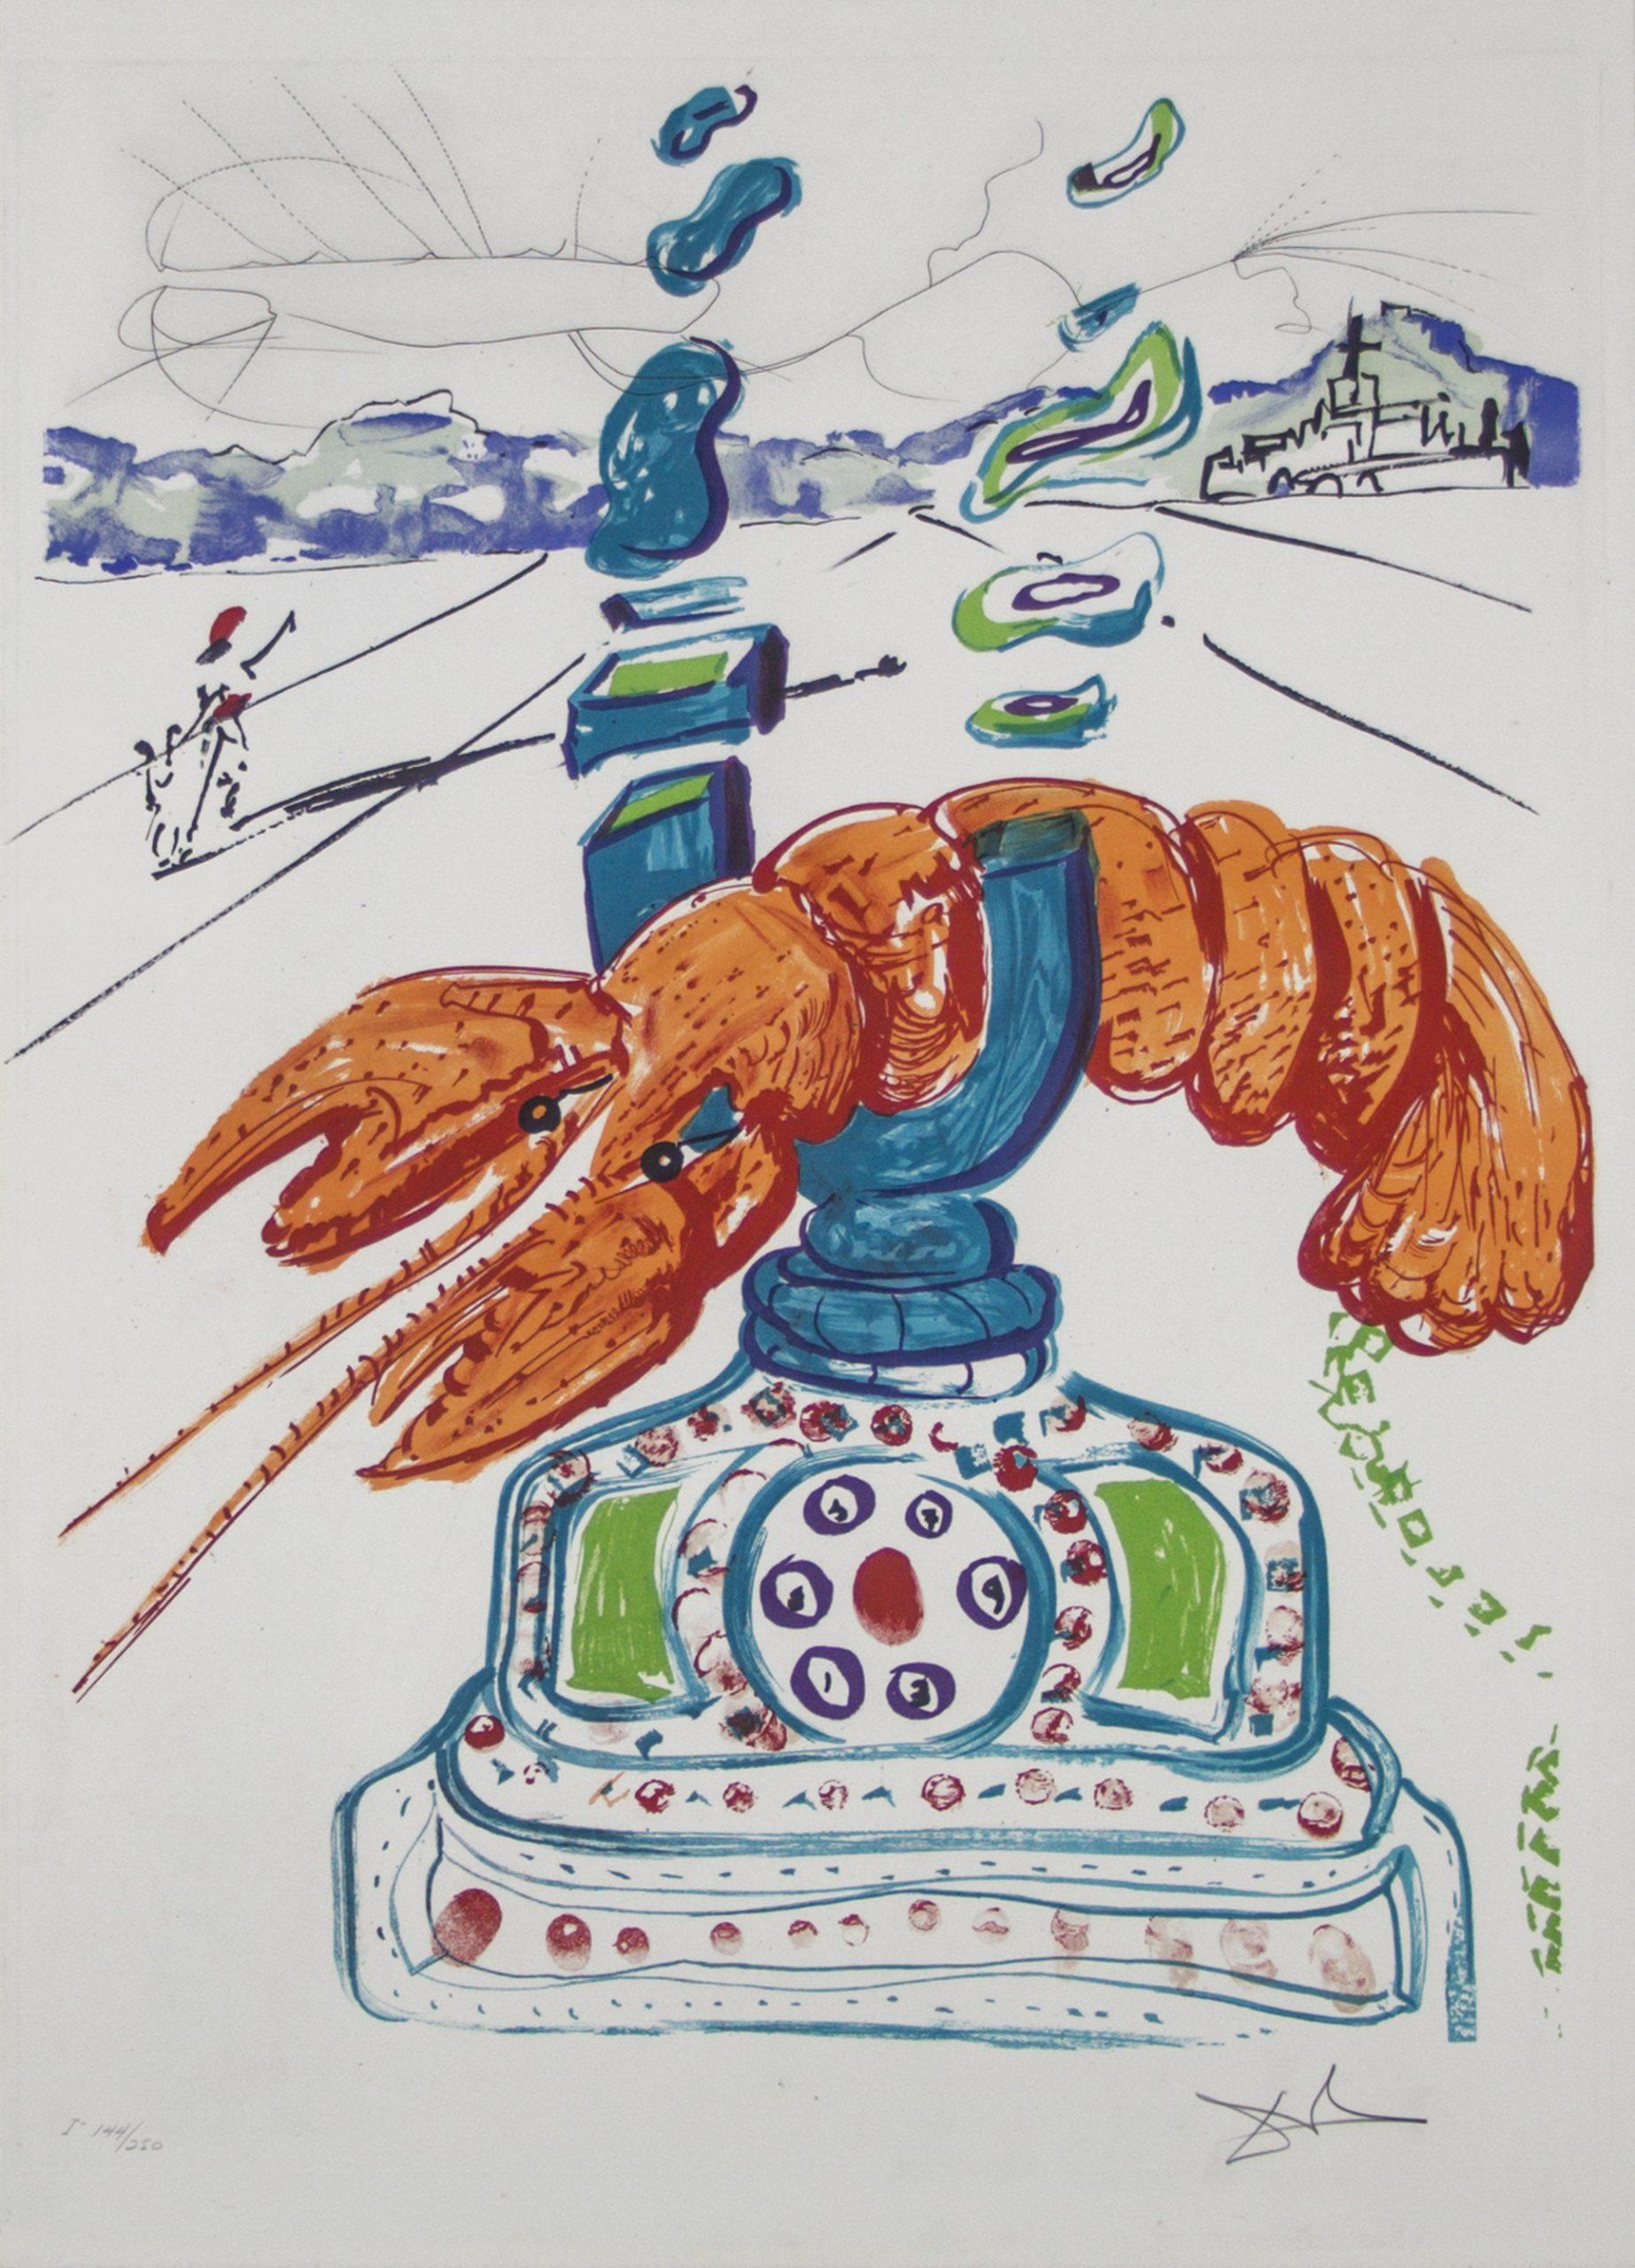 Репринт 1975 года с автографом Дали